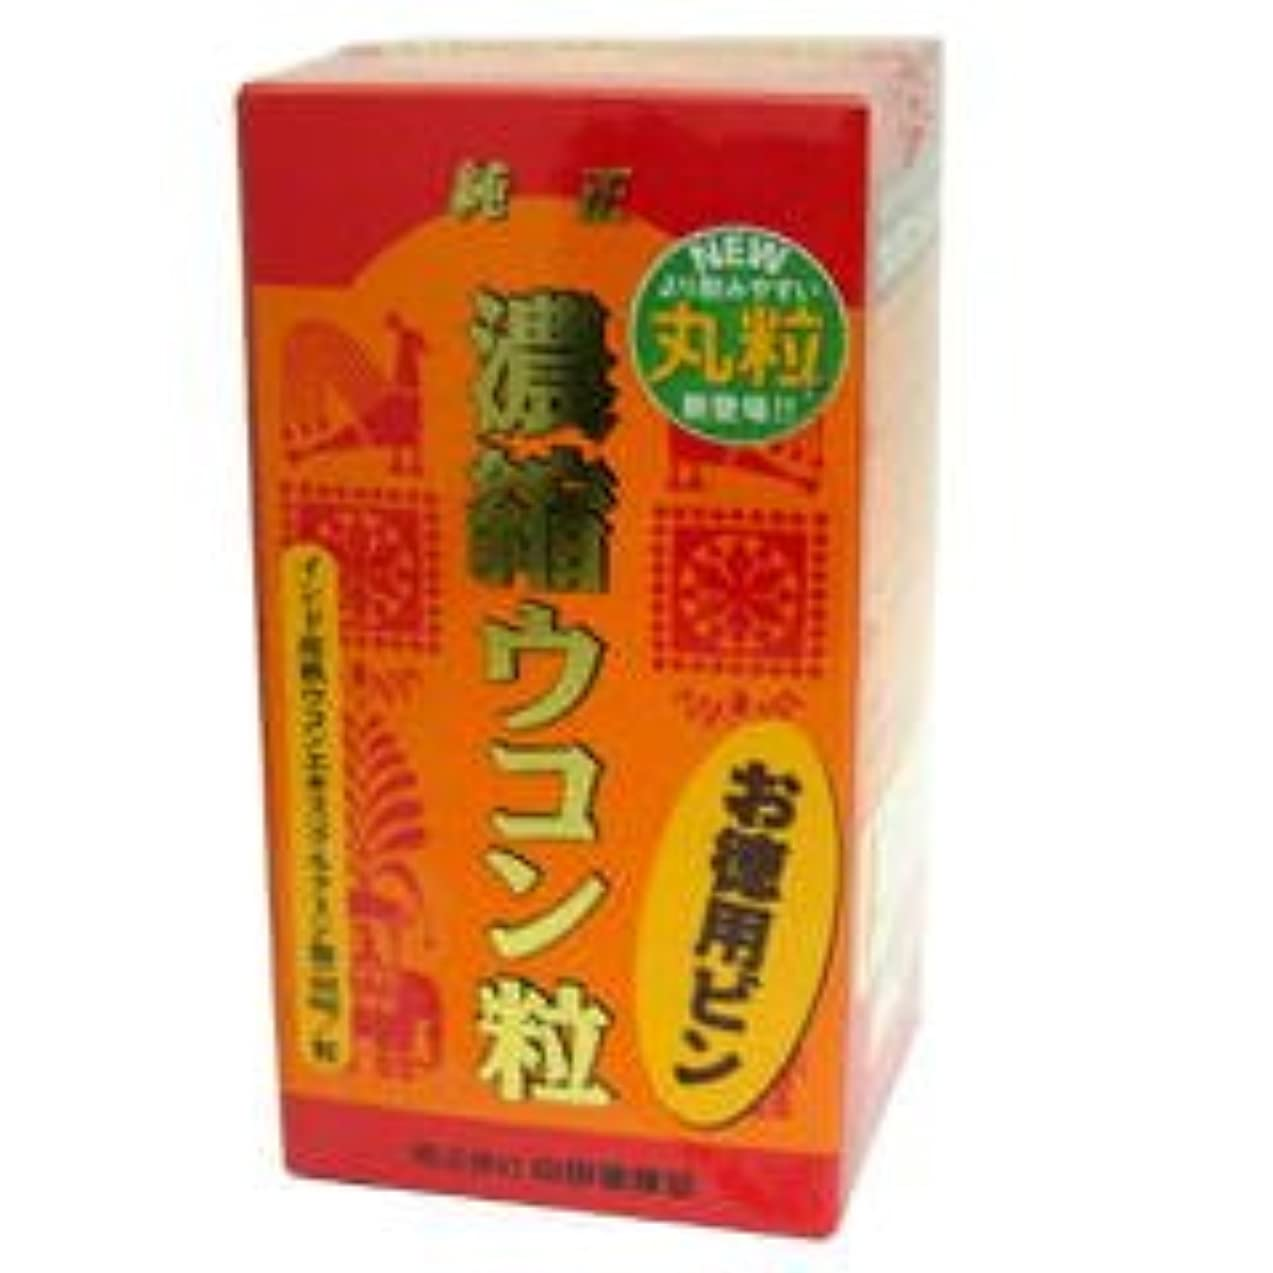 (株)山田健康堂 濃縮ウコン粒 300mg*420粒